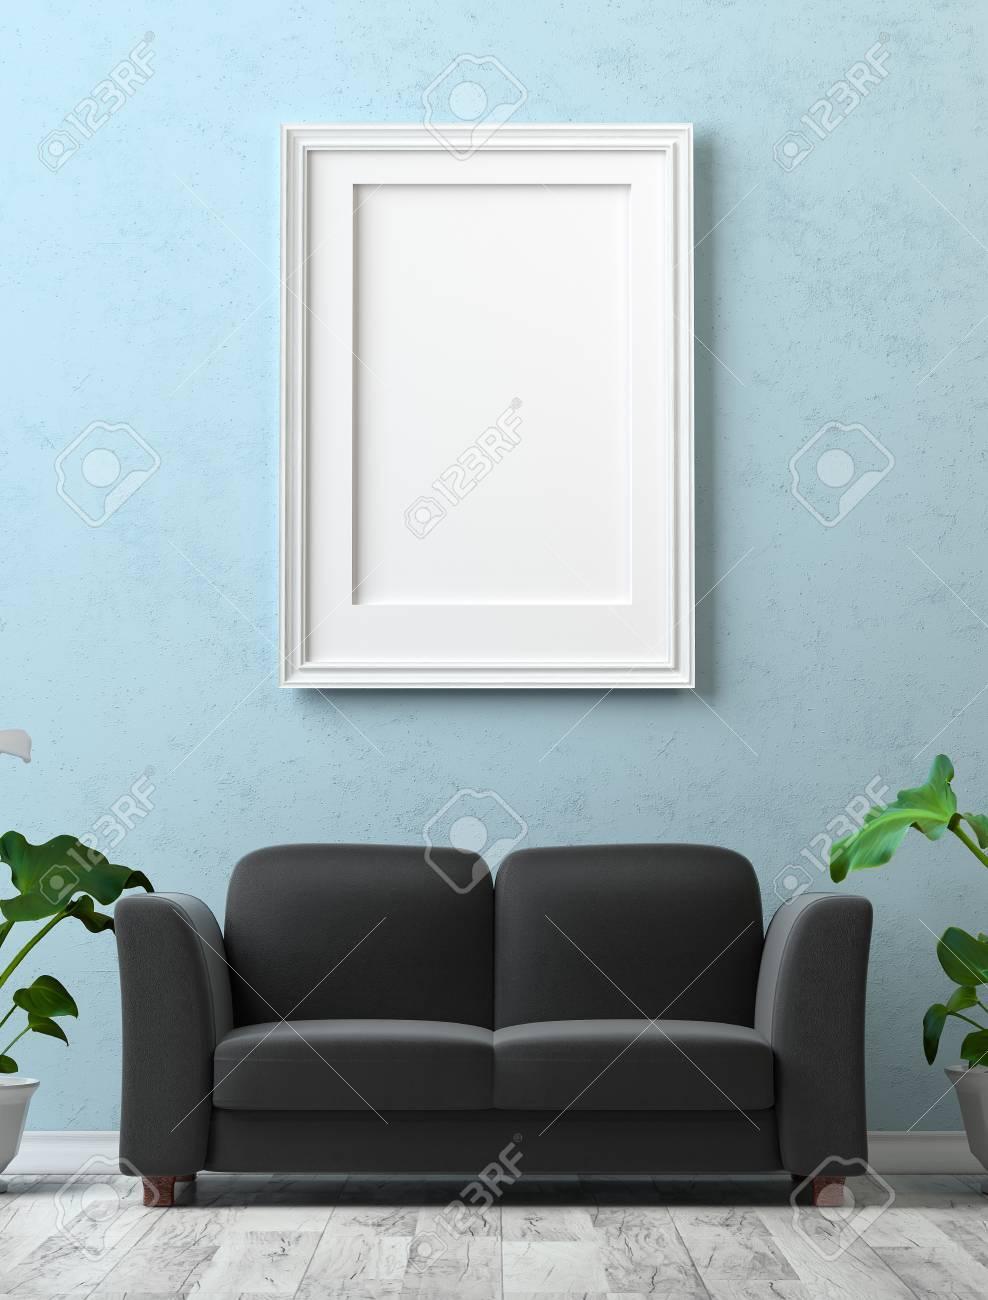 Maquette Intérieur Peinture Avec Une Toile Vierge Sur Le Mur De Plâtre Bleu Canapé Noir Sur Un Stratifié Gris Et Des Fleurs De Calla Sur Le Sol